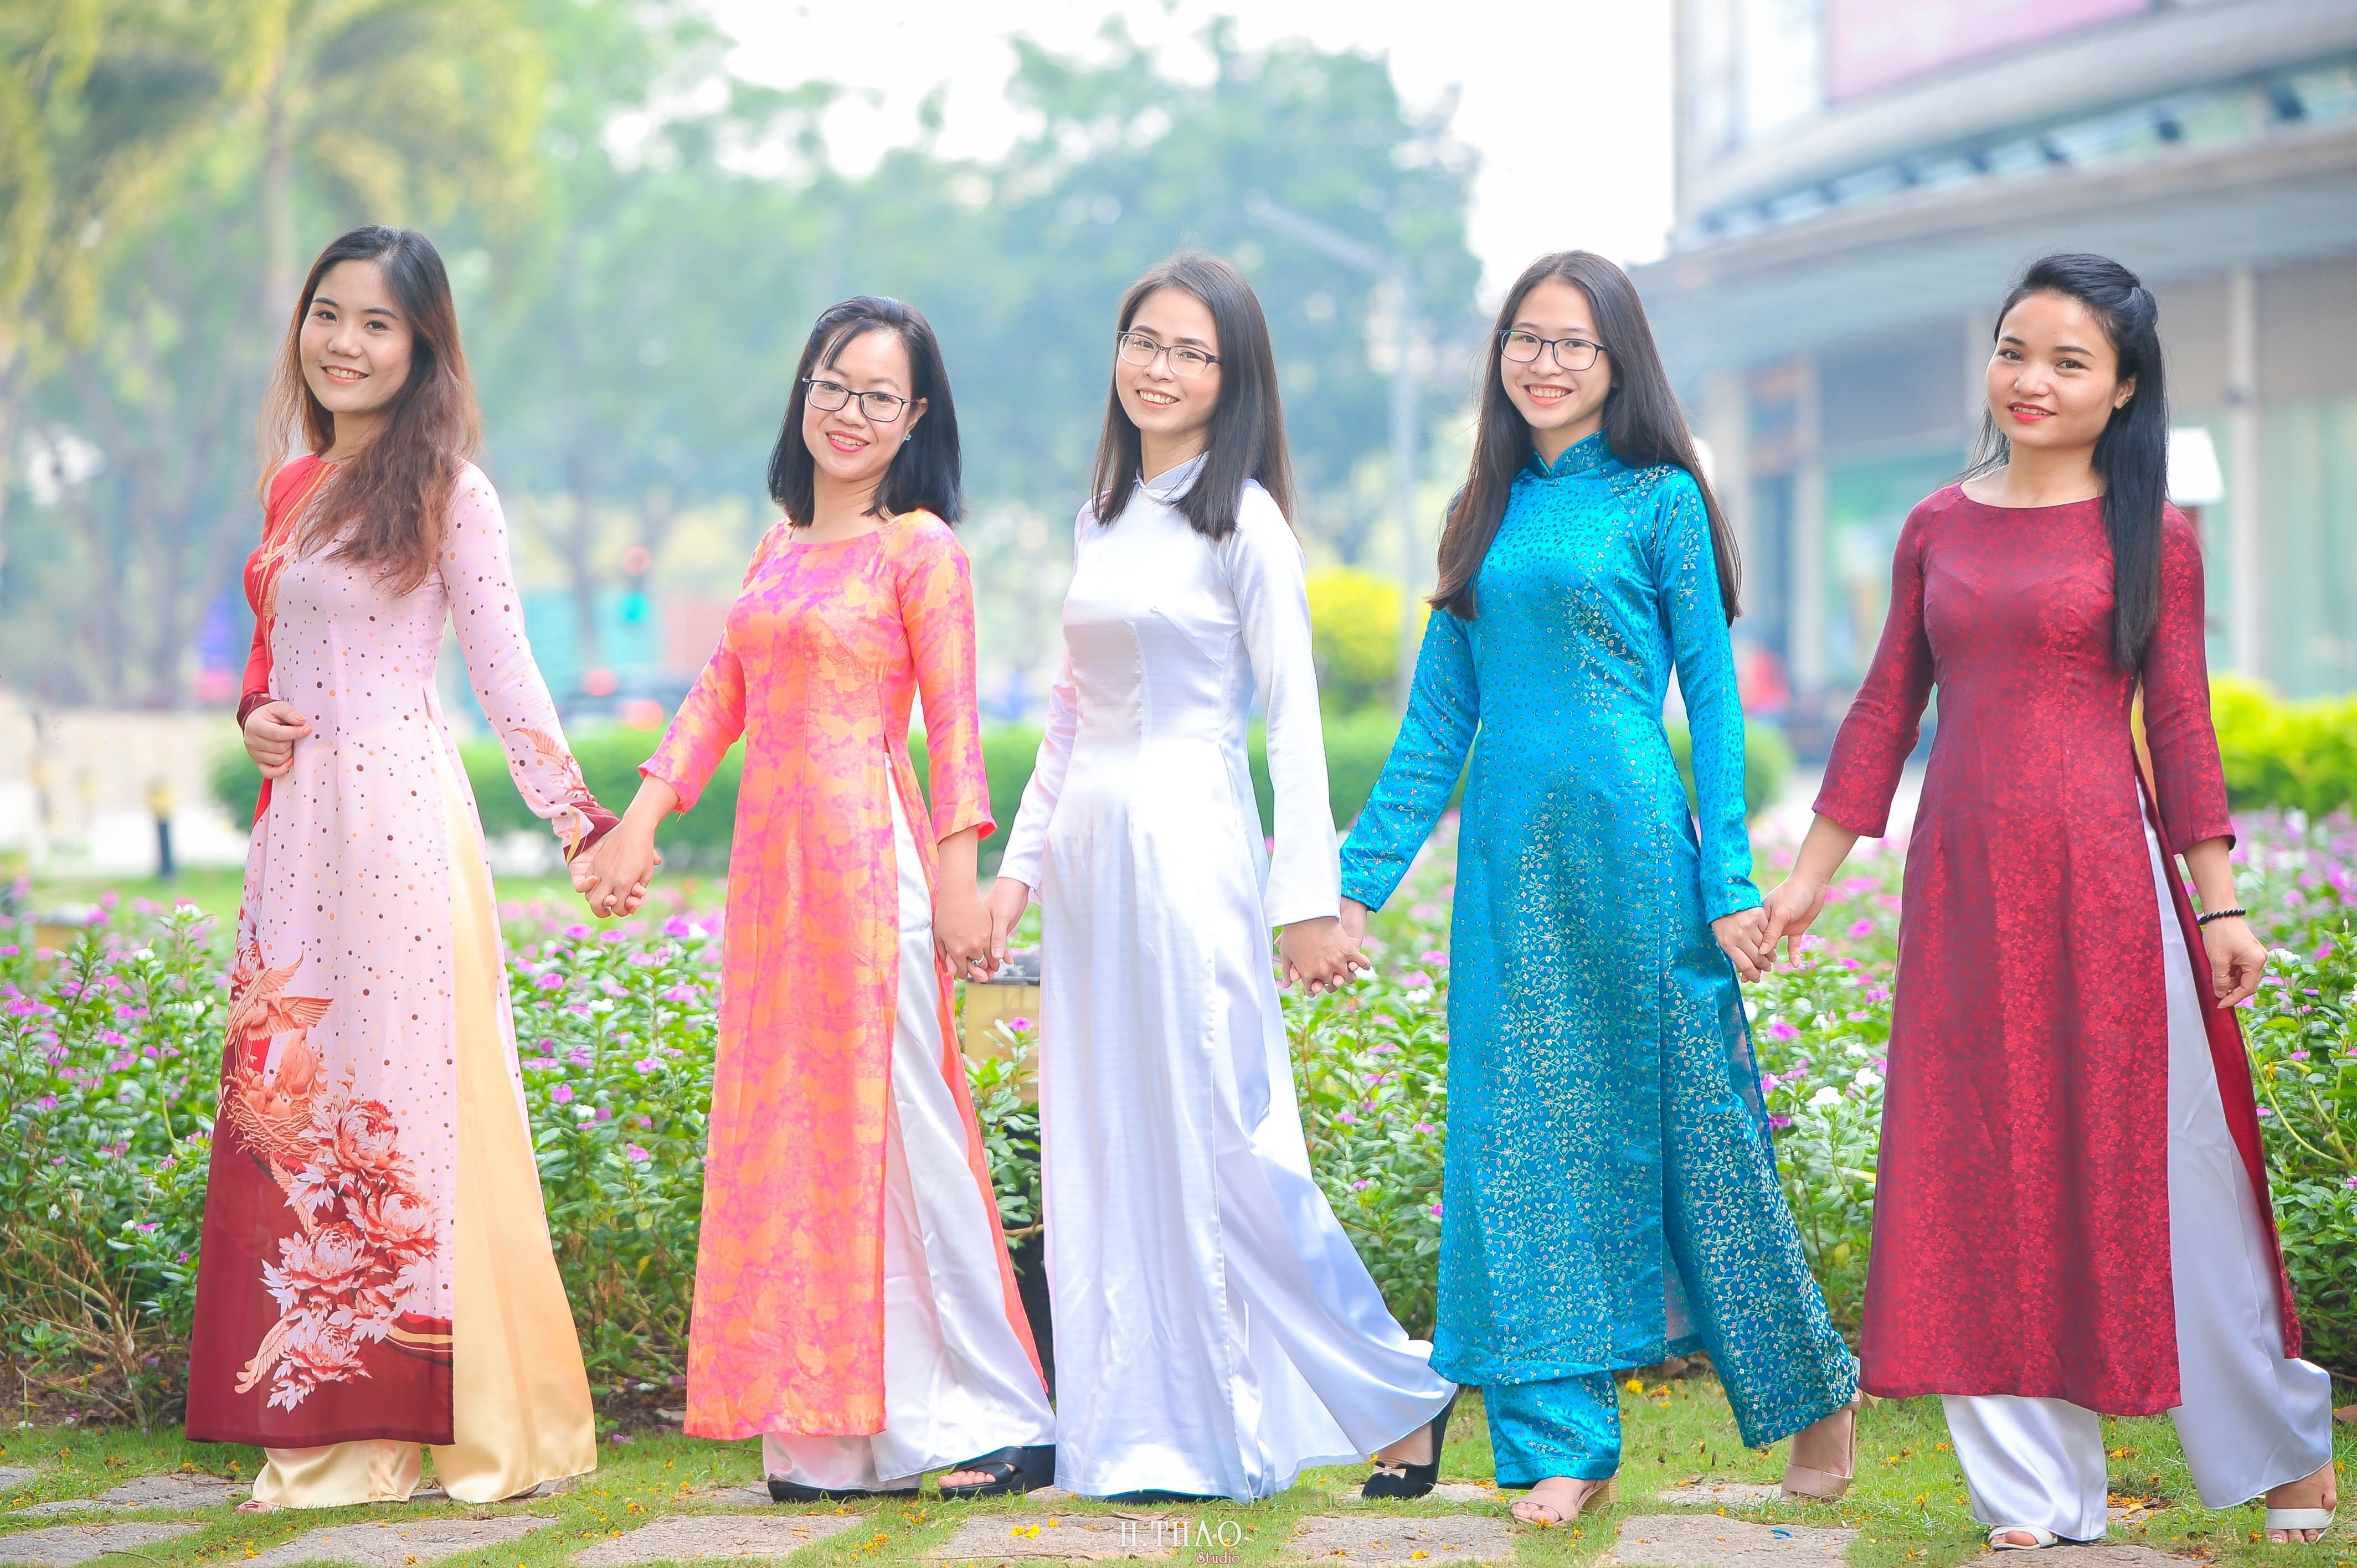 Anh Q7 16 min - Studio chụp ảnh áo dài tuyệt đẹp ở Tp.HCM - HThao Studio